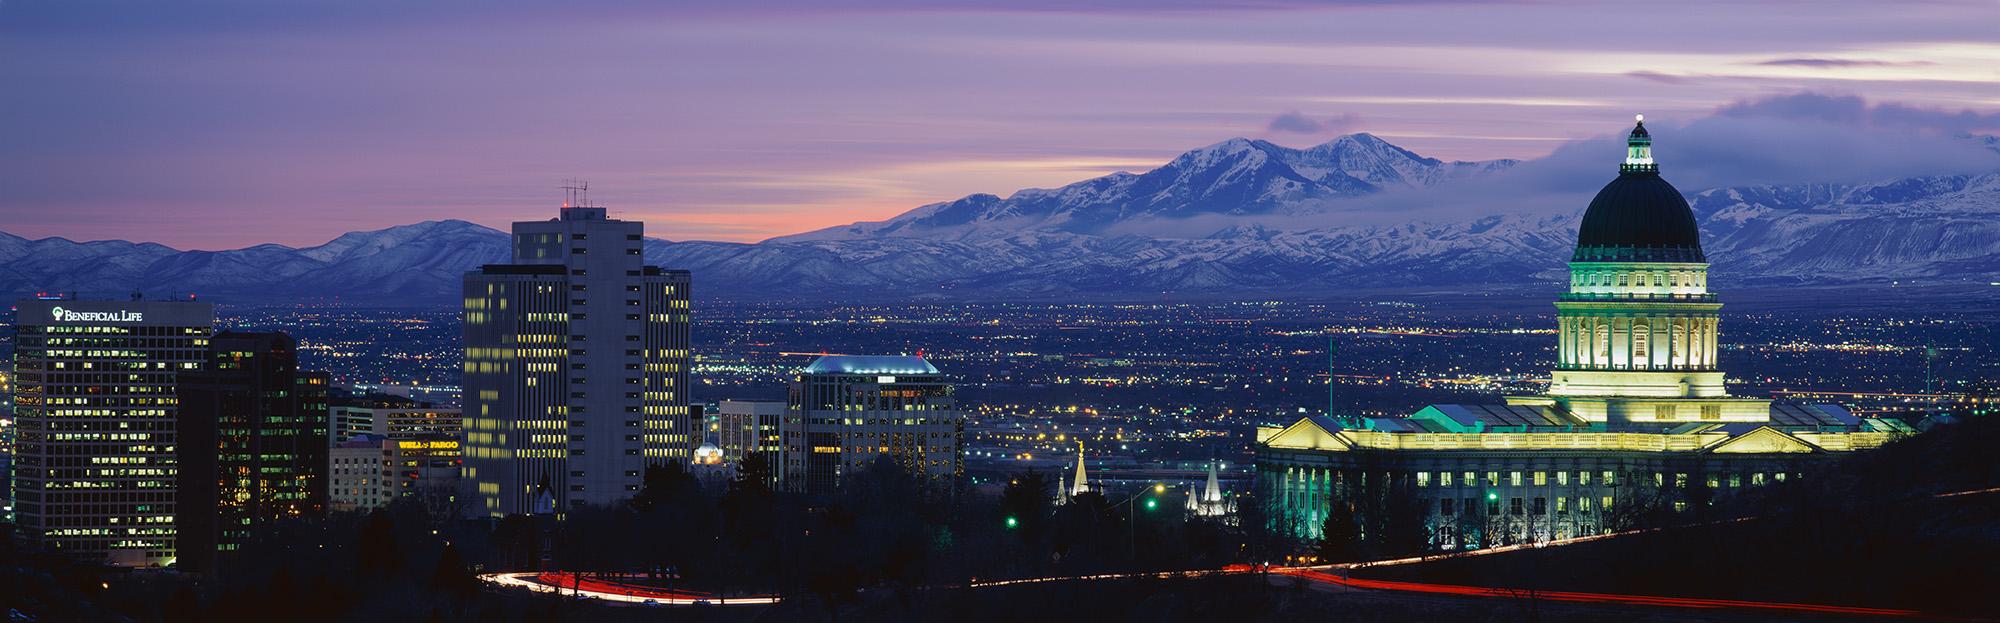 How Far Is Fernley Nv From Salt Lake City Ut